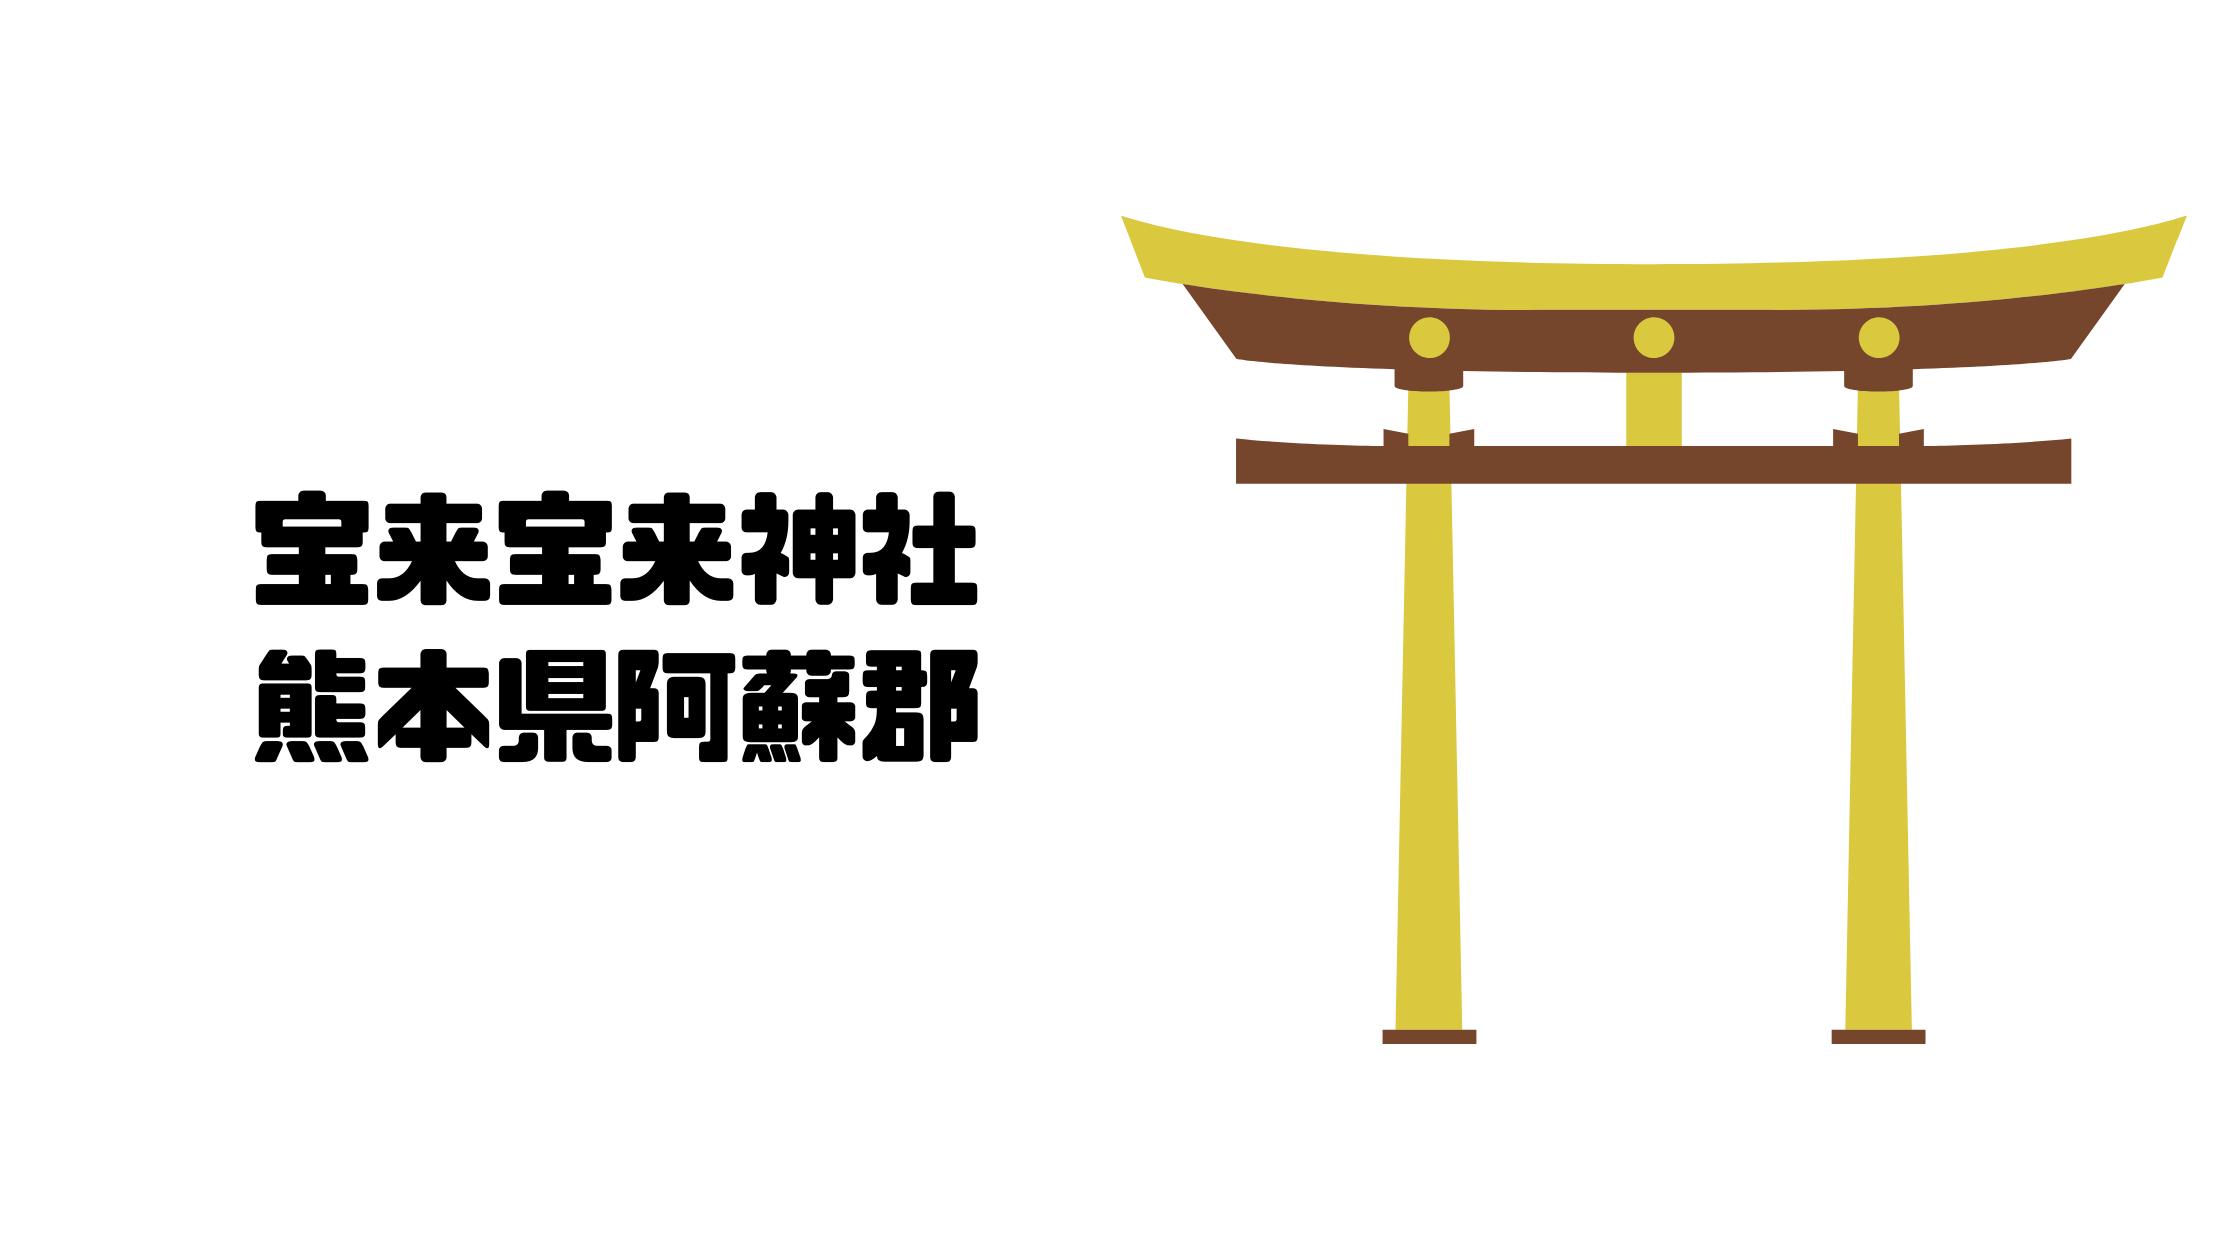 宝来宝来(ほぎほぎ)神社|熊本県阿蘇郡|日本【金運スポット】